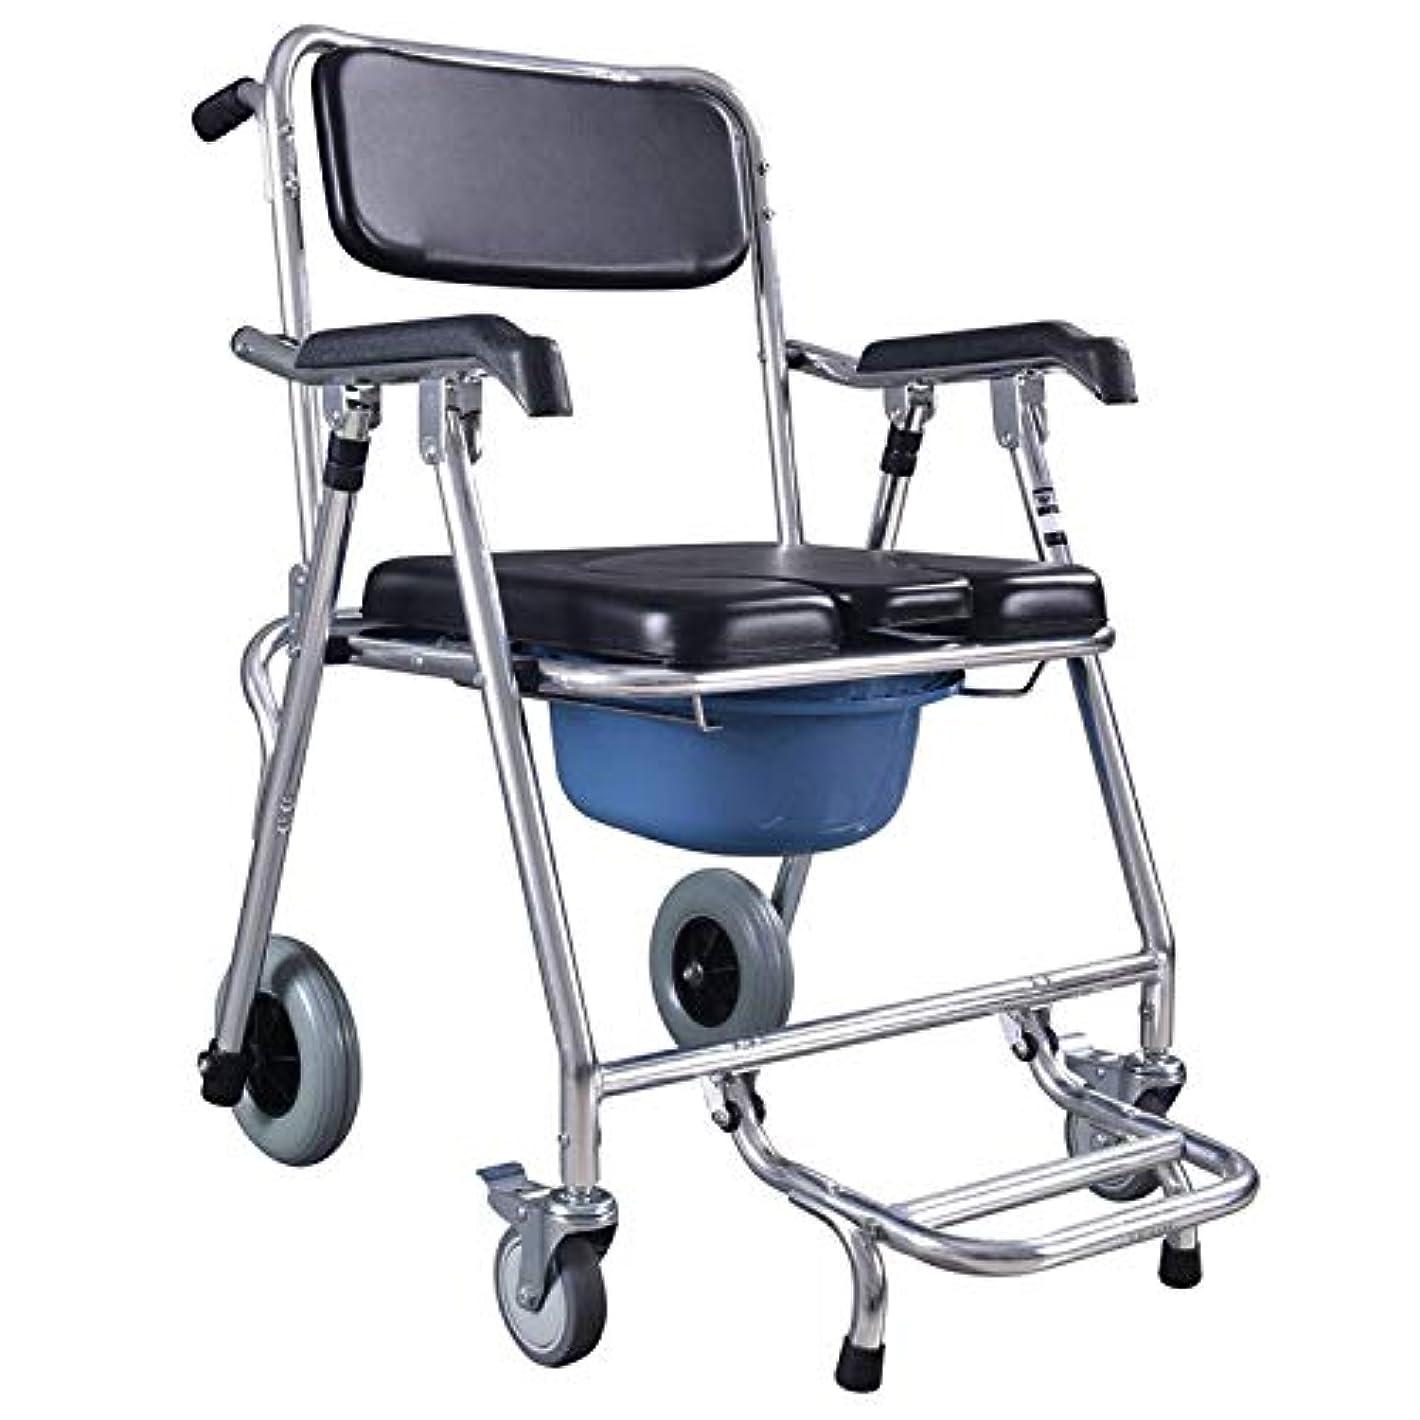 身元健康的うがい薬老人車輪付き便器/トイレ椅子、パッド入りシートと背もたれ車椅子バスチェア付きブレーキ付きトイレシャワーチェア